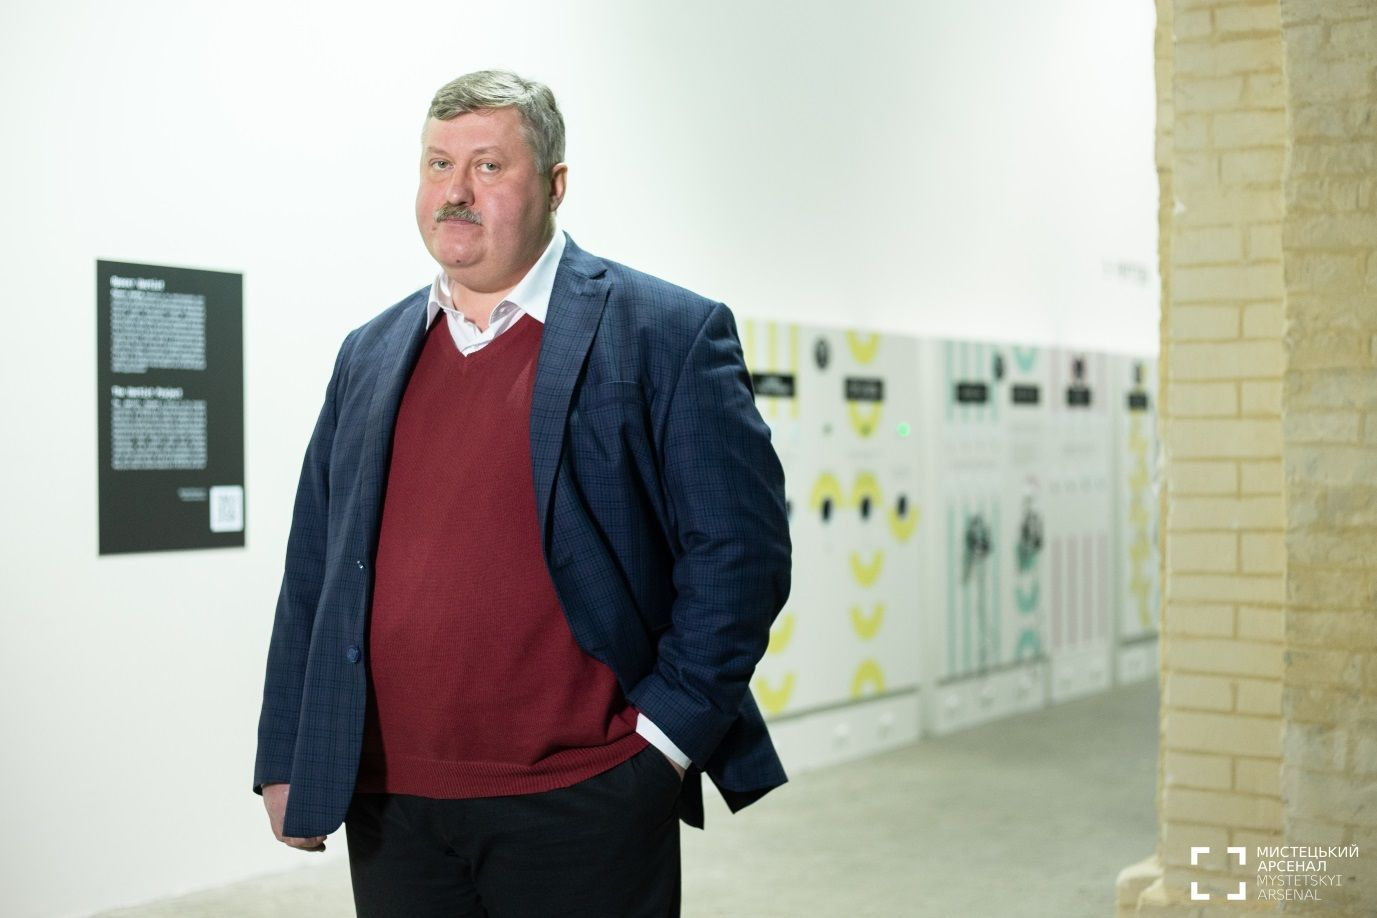 Ростислав Семків, пресслужба Мистецького Арсеналу